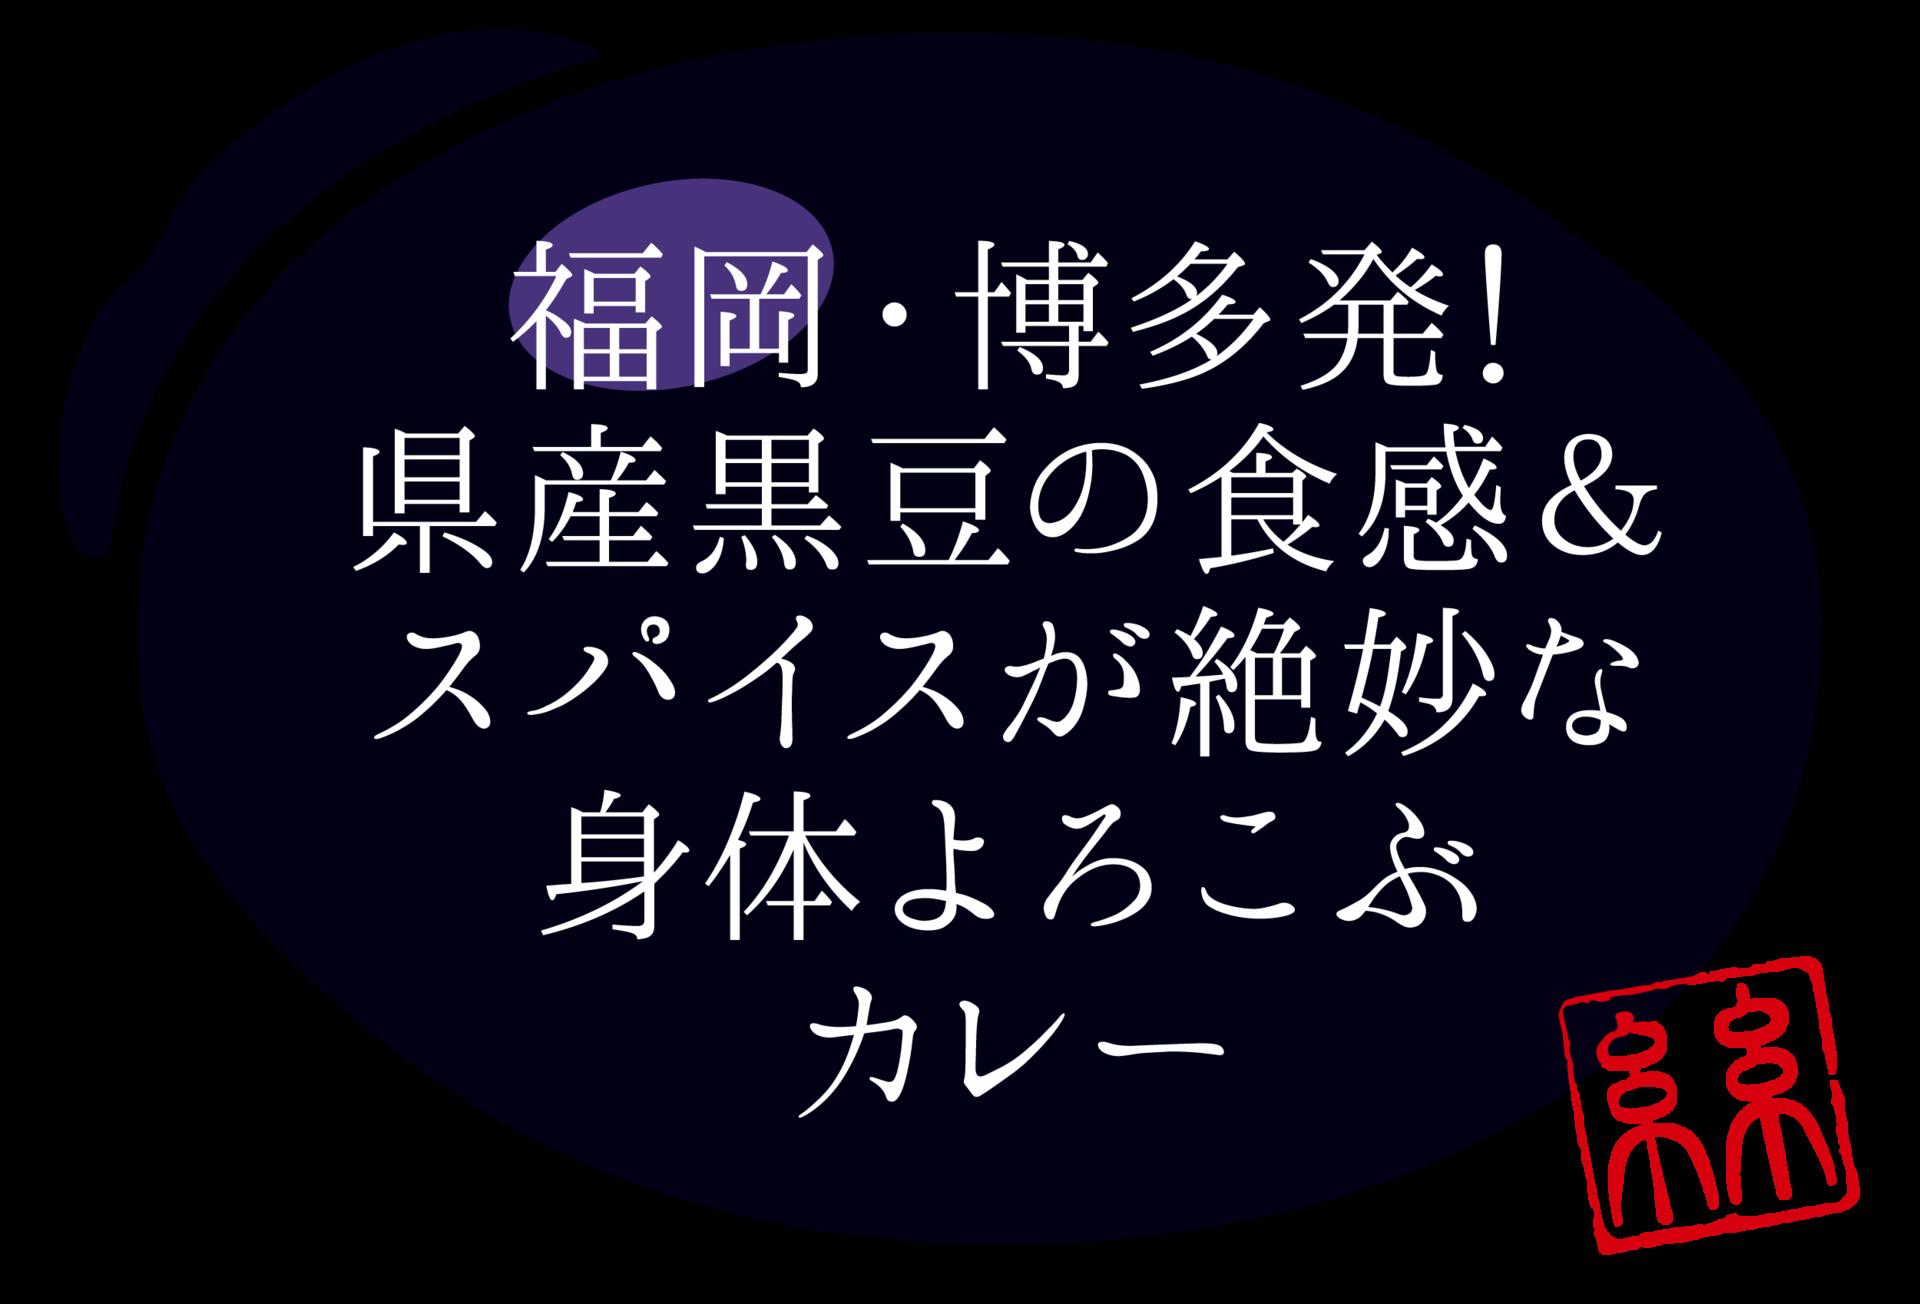 博多黒豆カレーは、福岡県産黒大豆【筑前クロダマル】100%の美味しいカレーです!